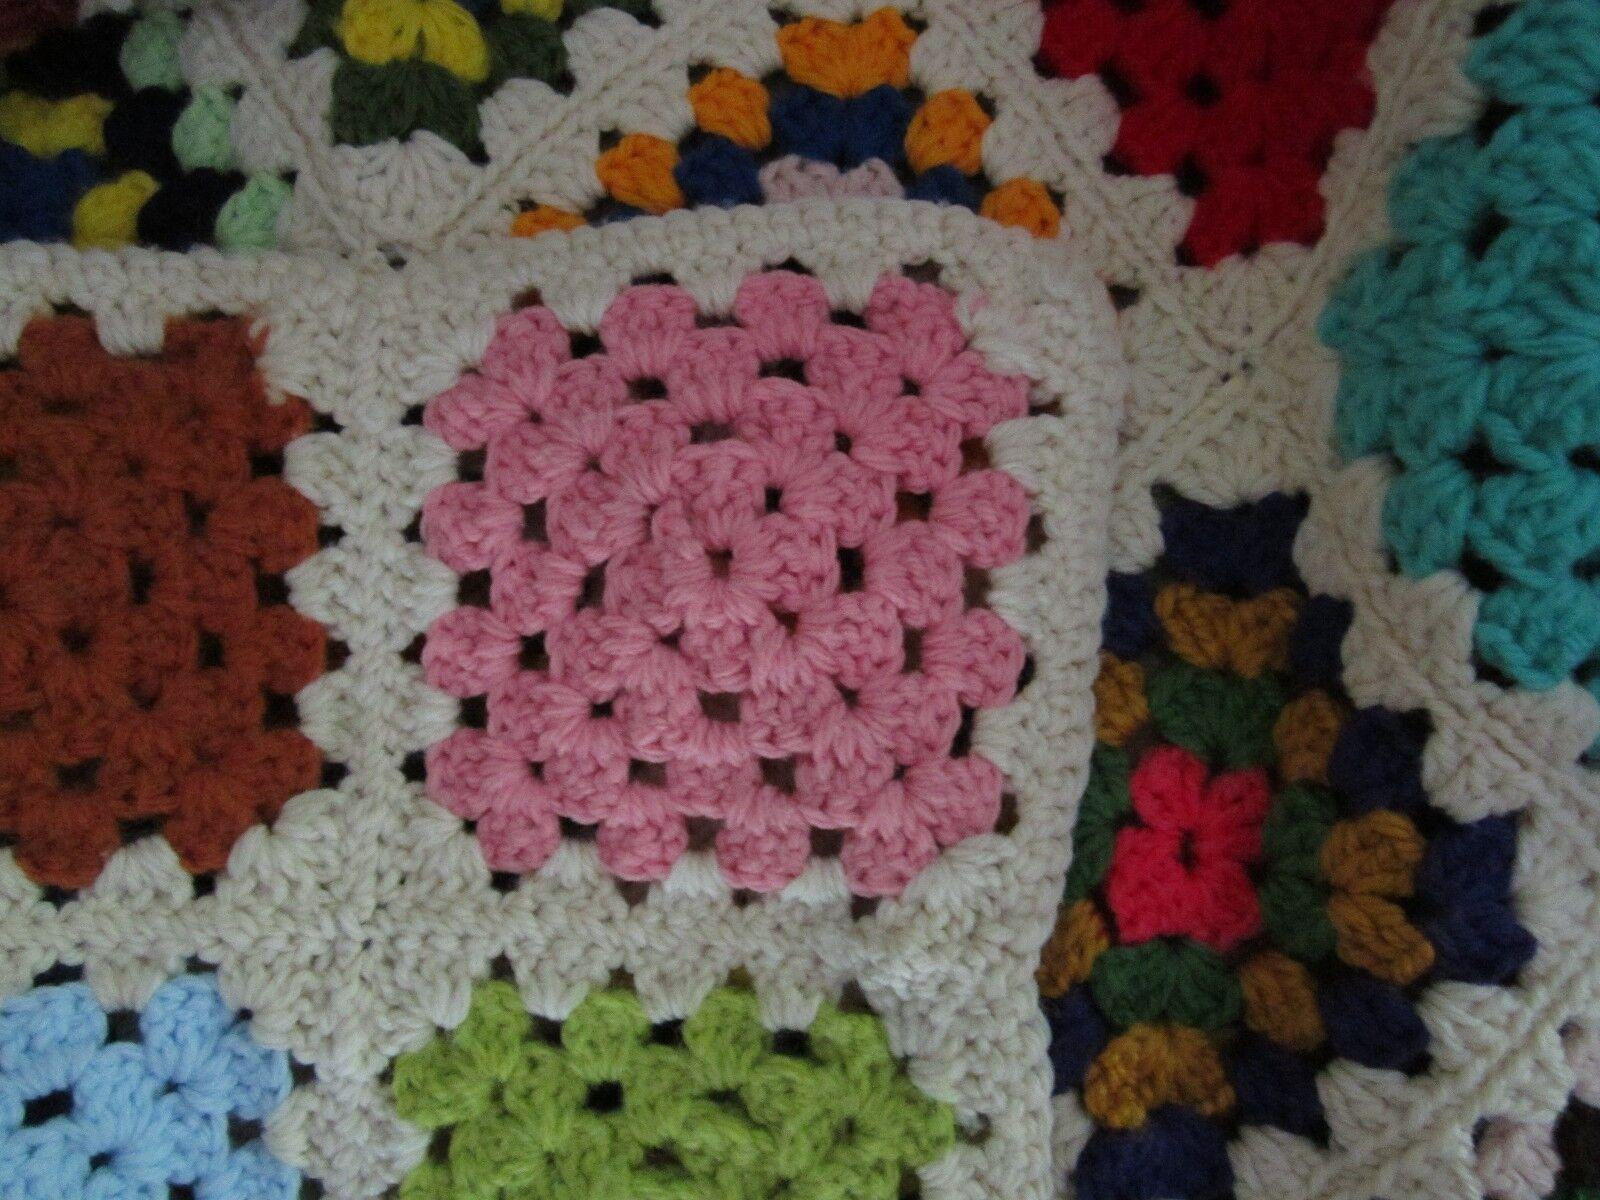 Crochet Crochet Crochet Vintage Afghan Grand-Mère Fait à la Main Couverture Mamie Carreaux | Terrific Value  | Boutique En Ligne  | Jolie Et Colorée  ade47d